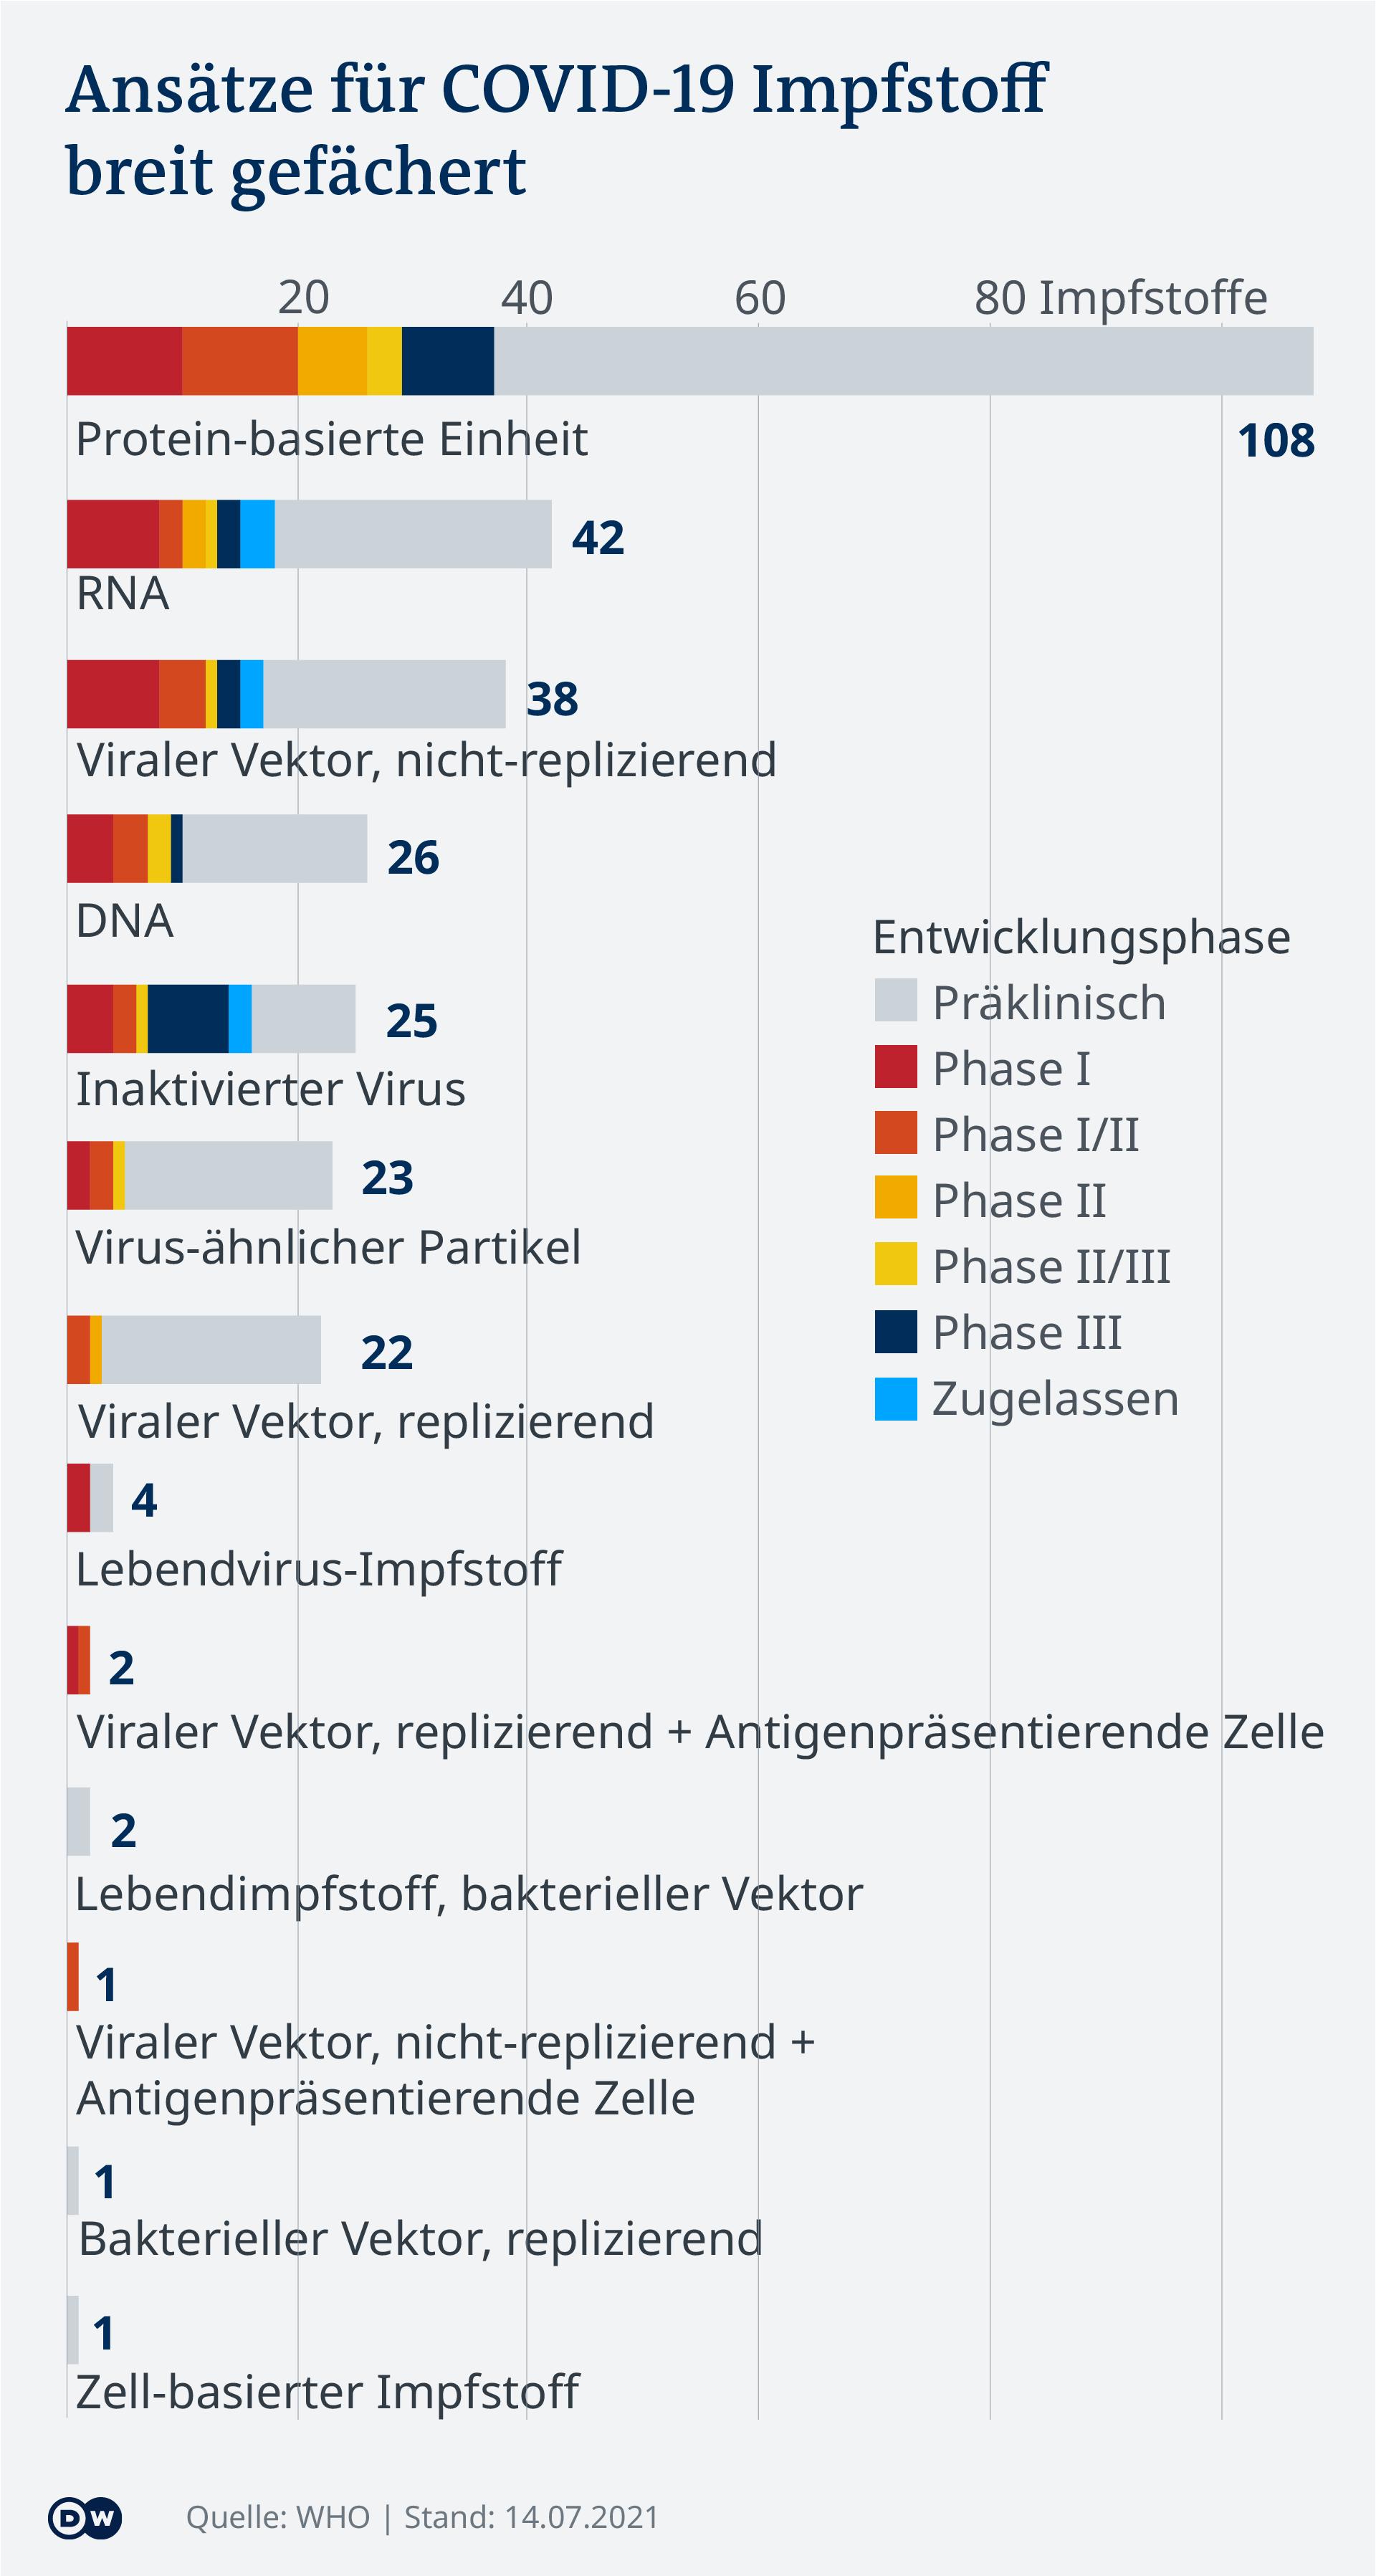 Datenvisualisierung - COVID-19 Impf-Tracker - Impfstoff-Typen - Update 15. Juli 2021